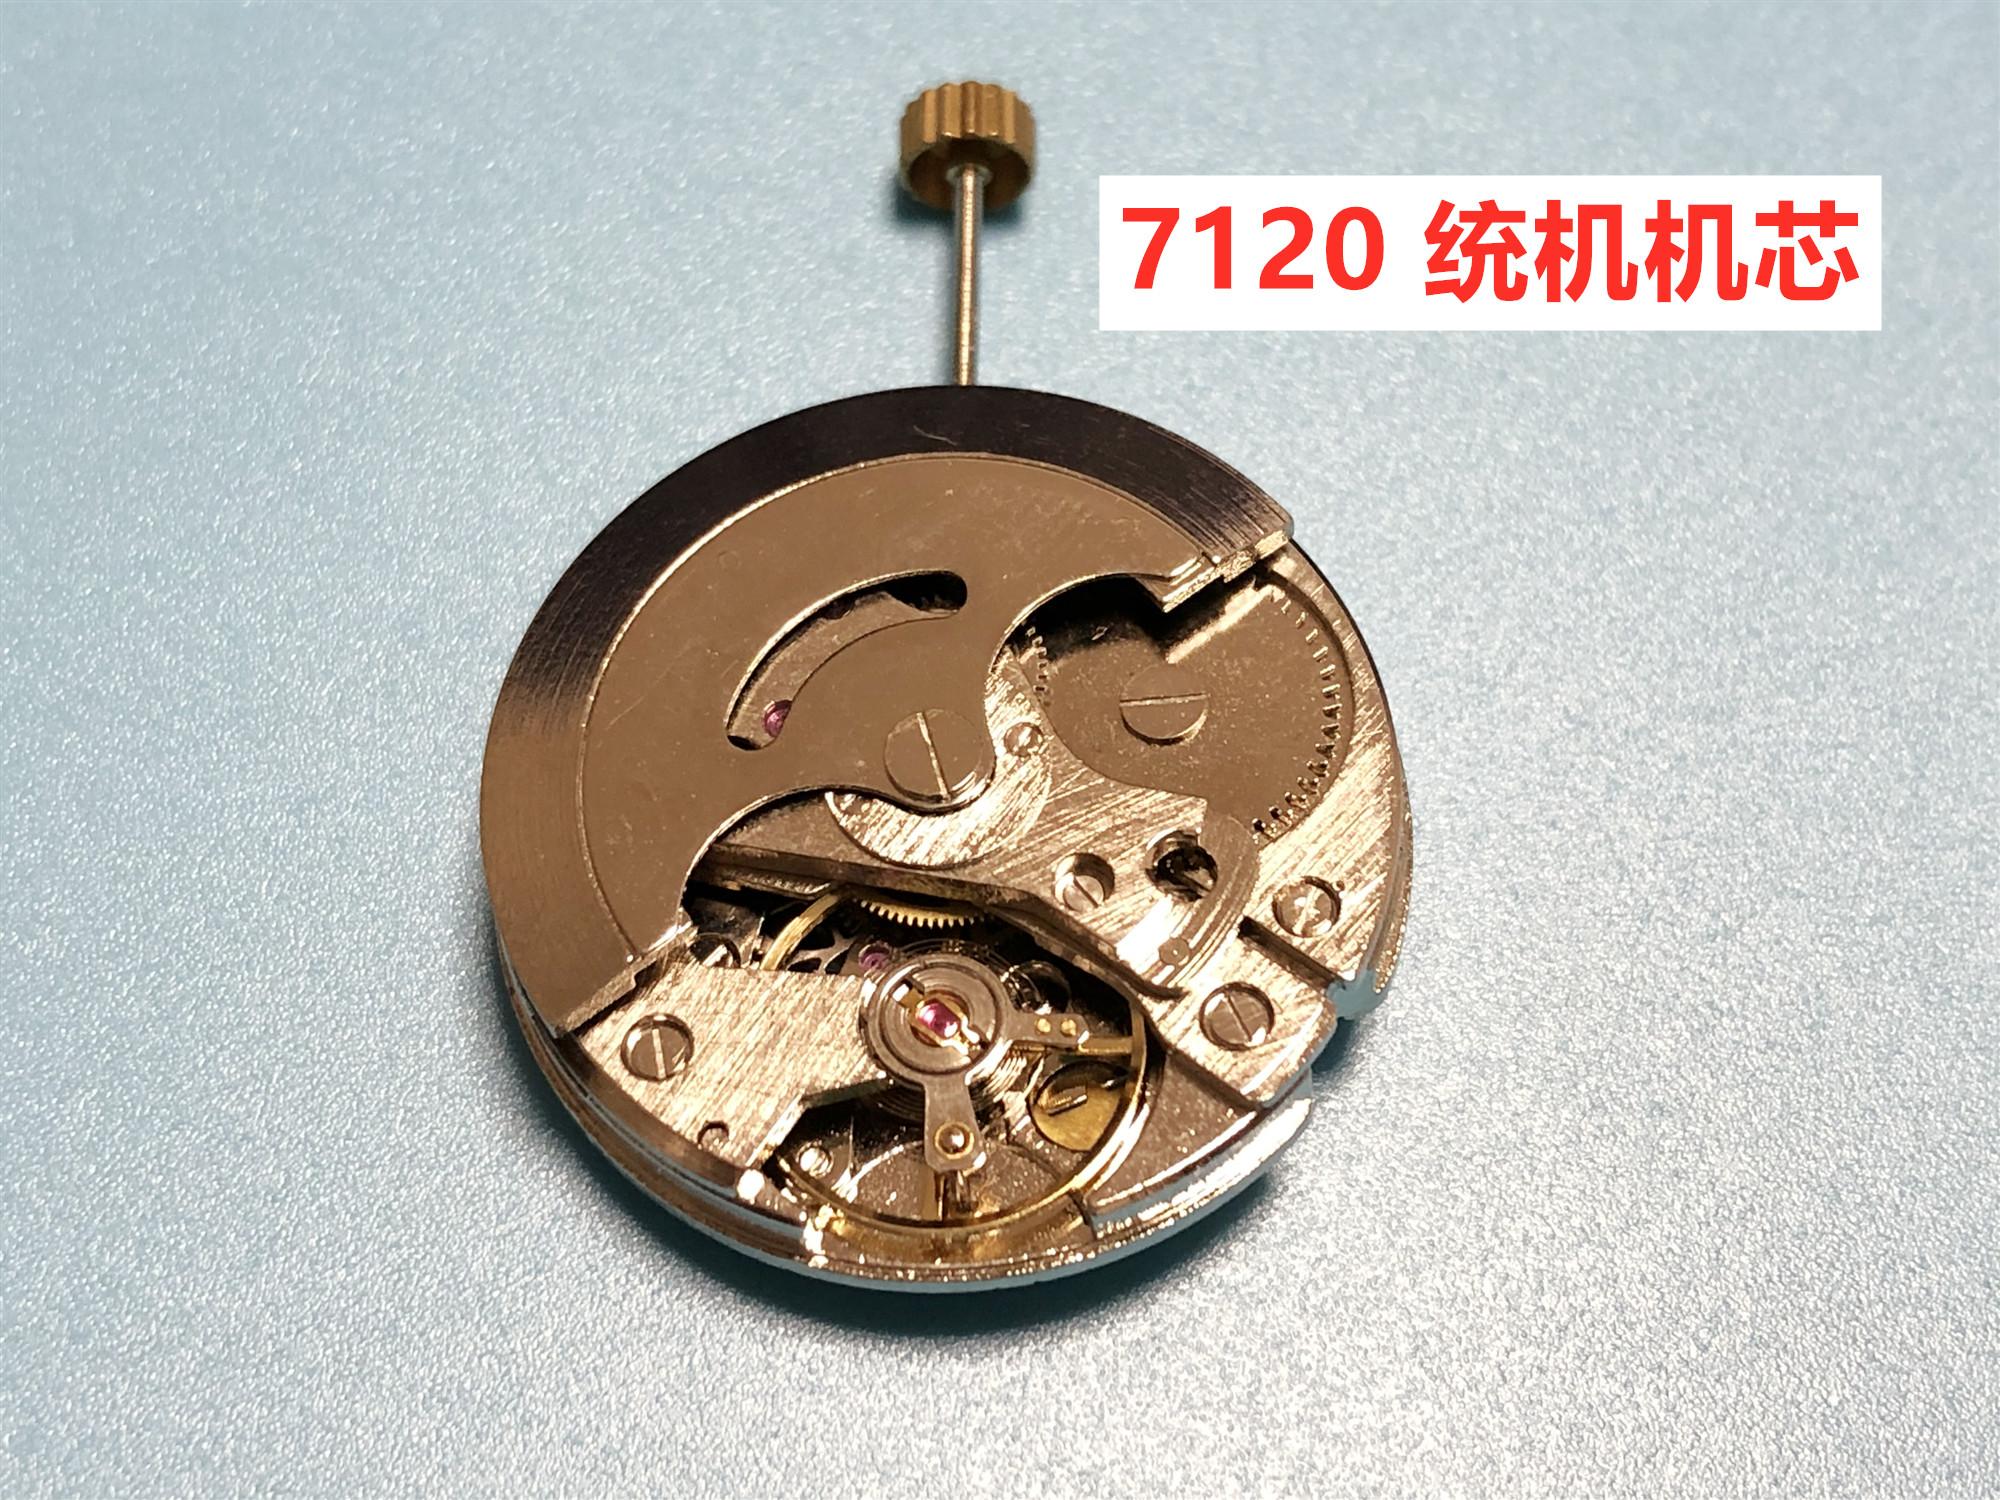 7120丹东机芯 统机机芯 上海7120机芯 单日历 手表自动机械机芯